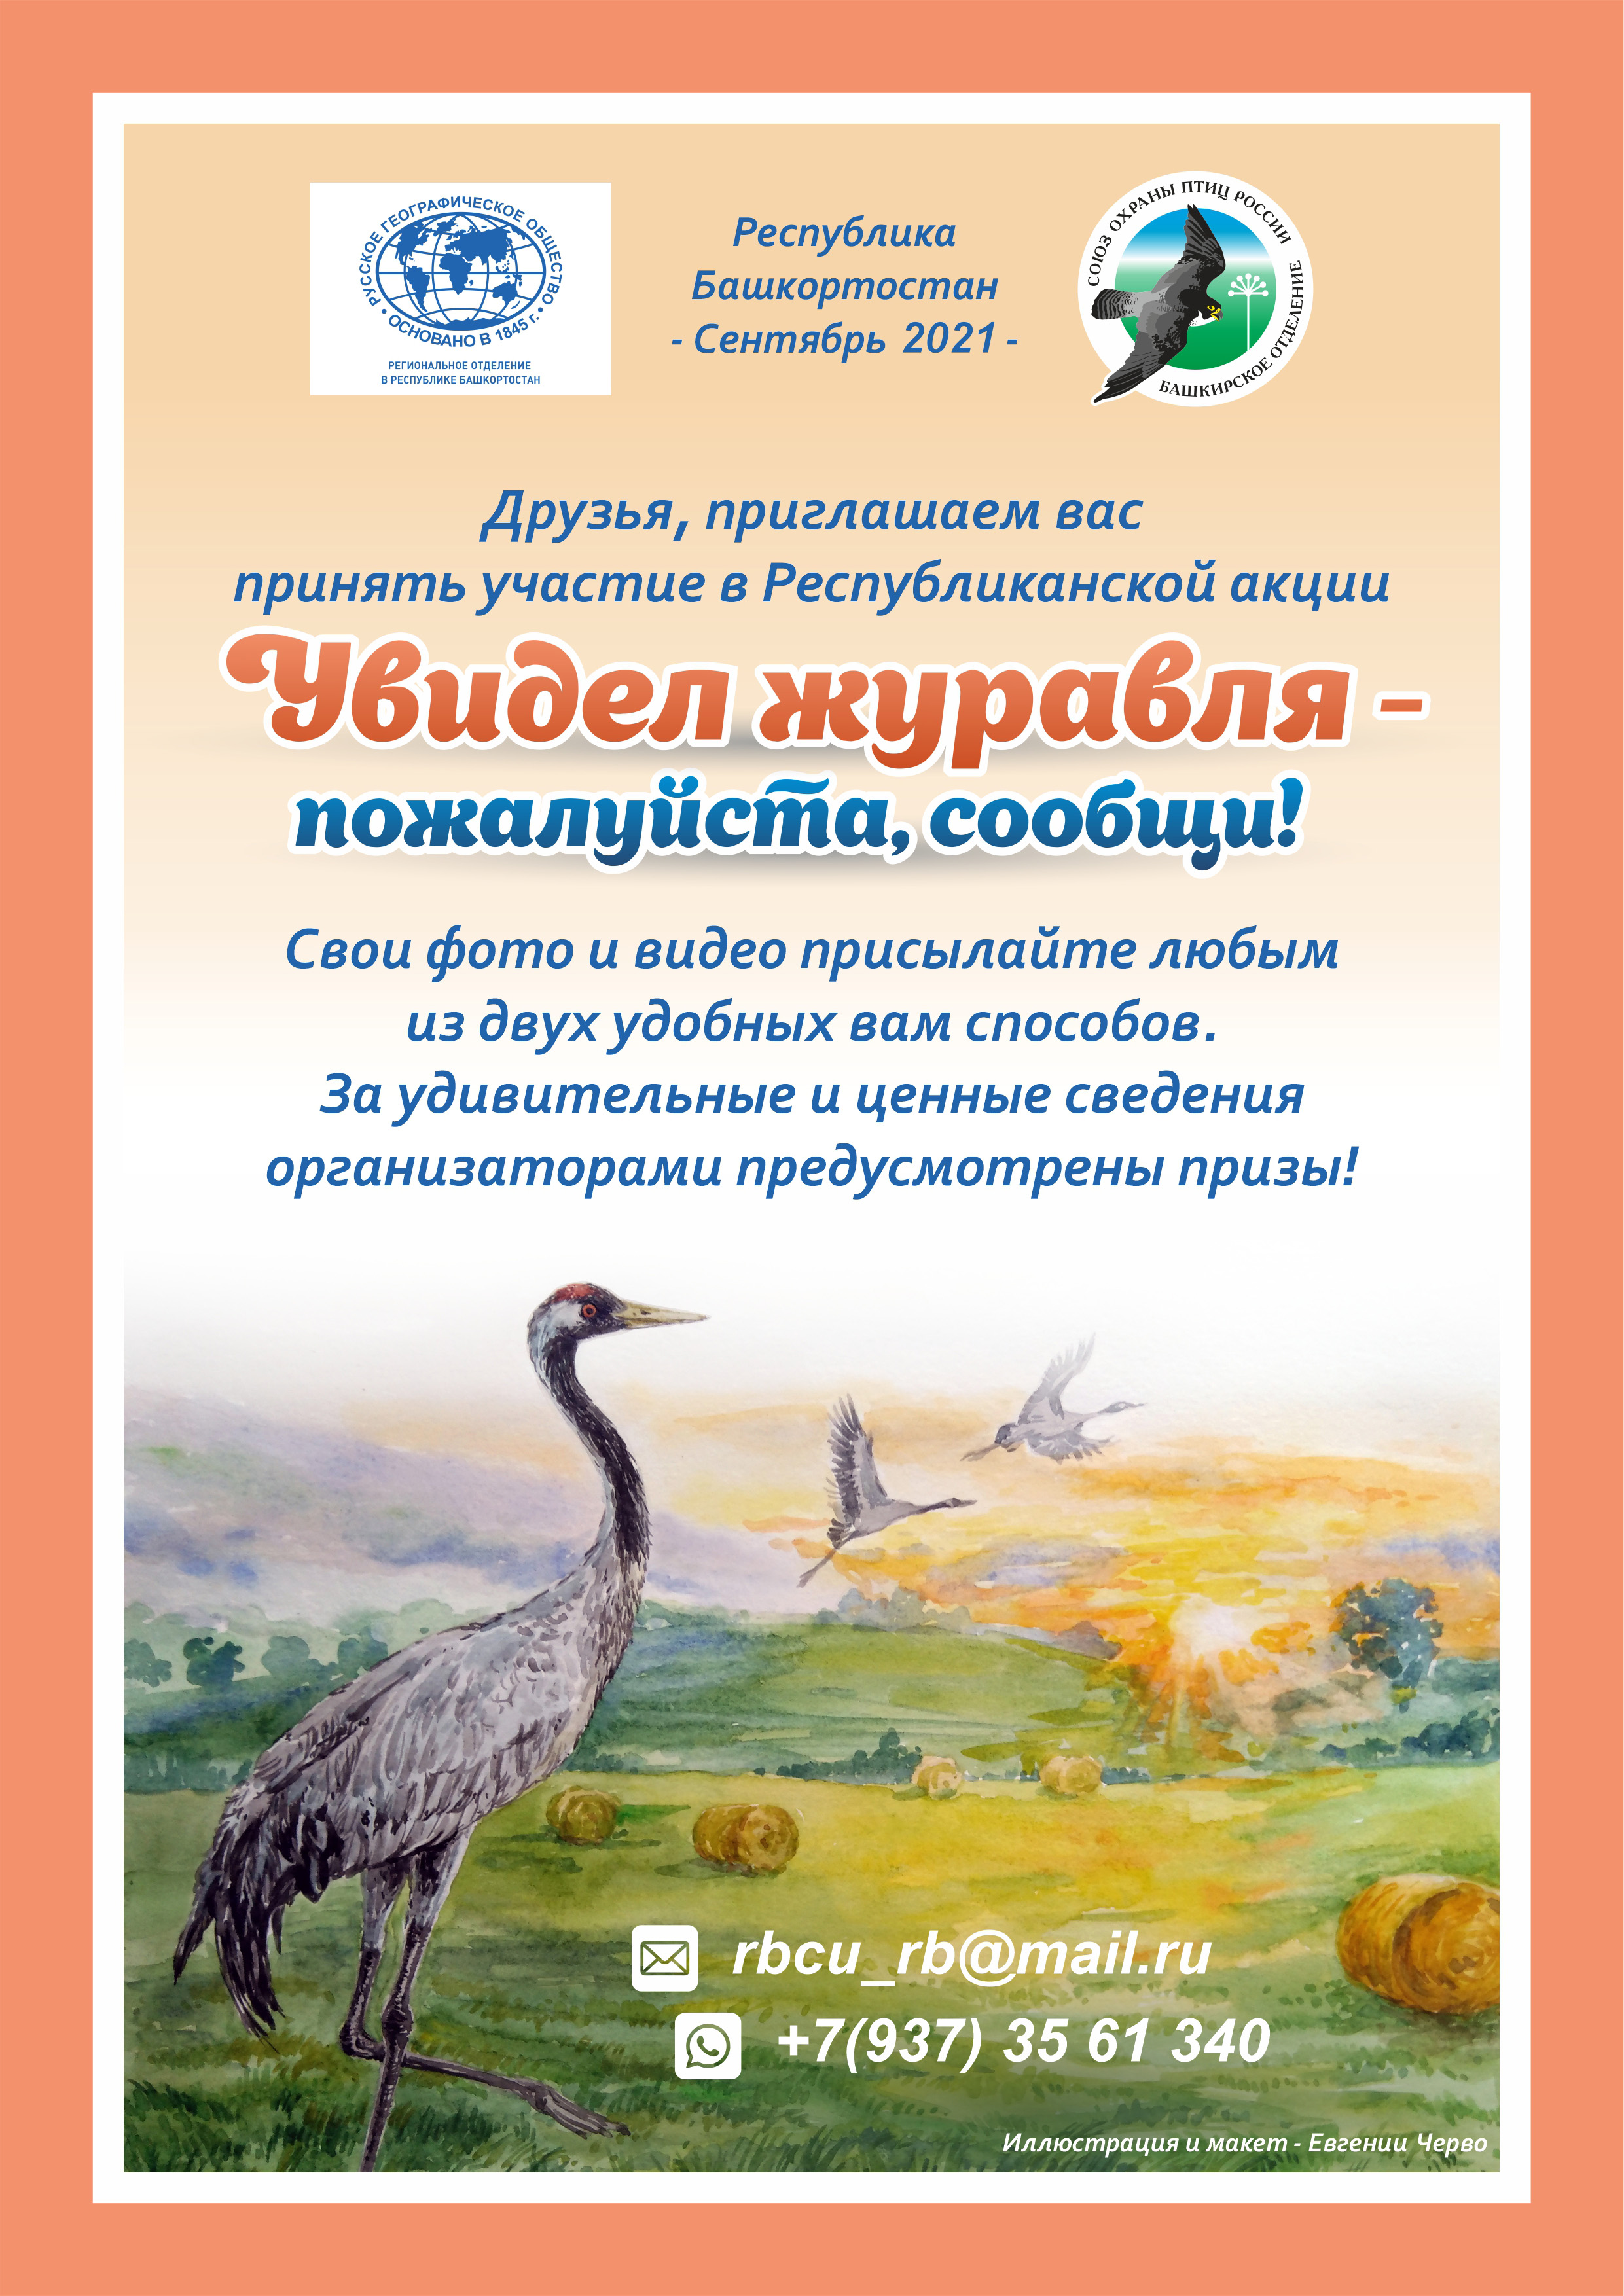 Рыжая цапля – редкий вид для орнитофауны Республики Башкортостан